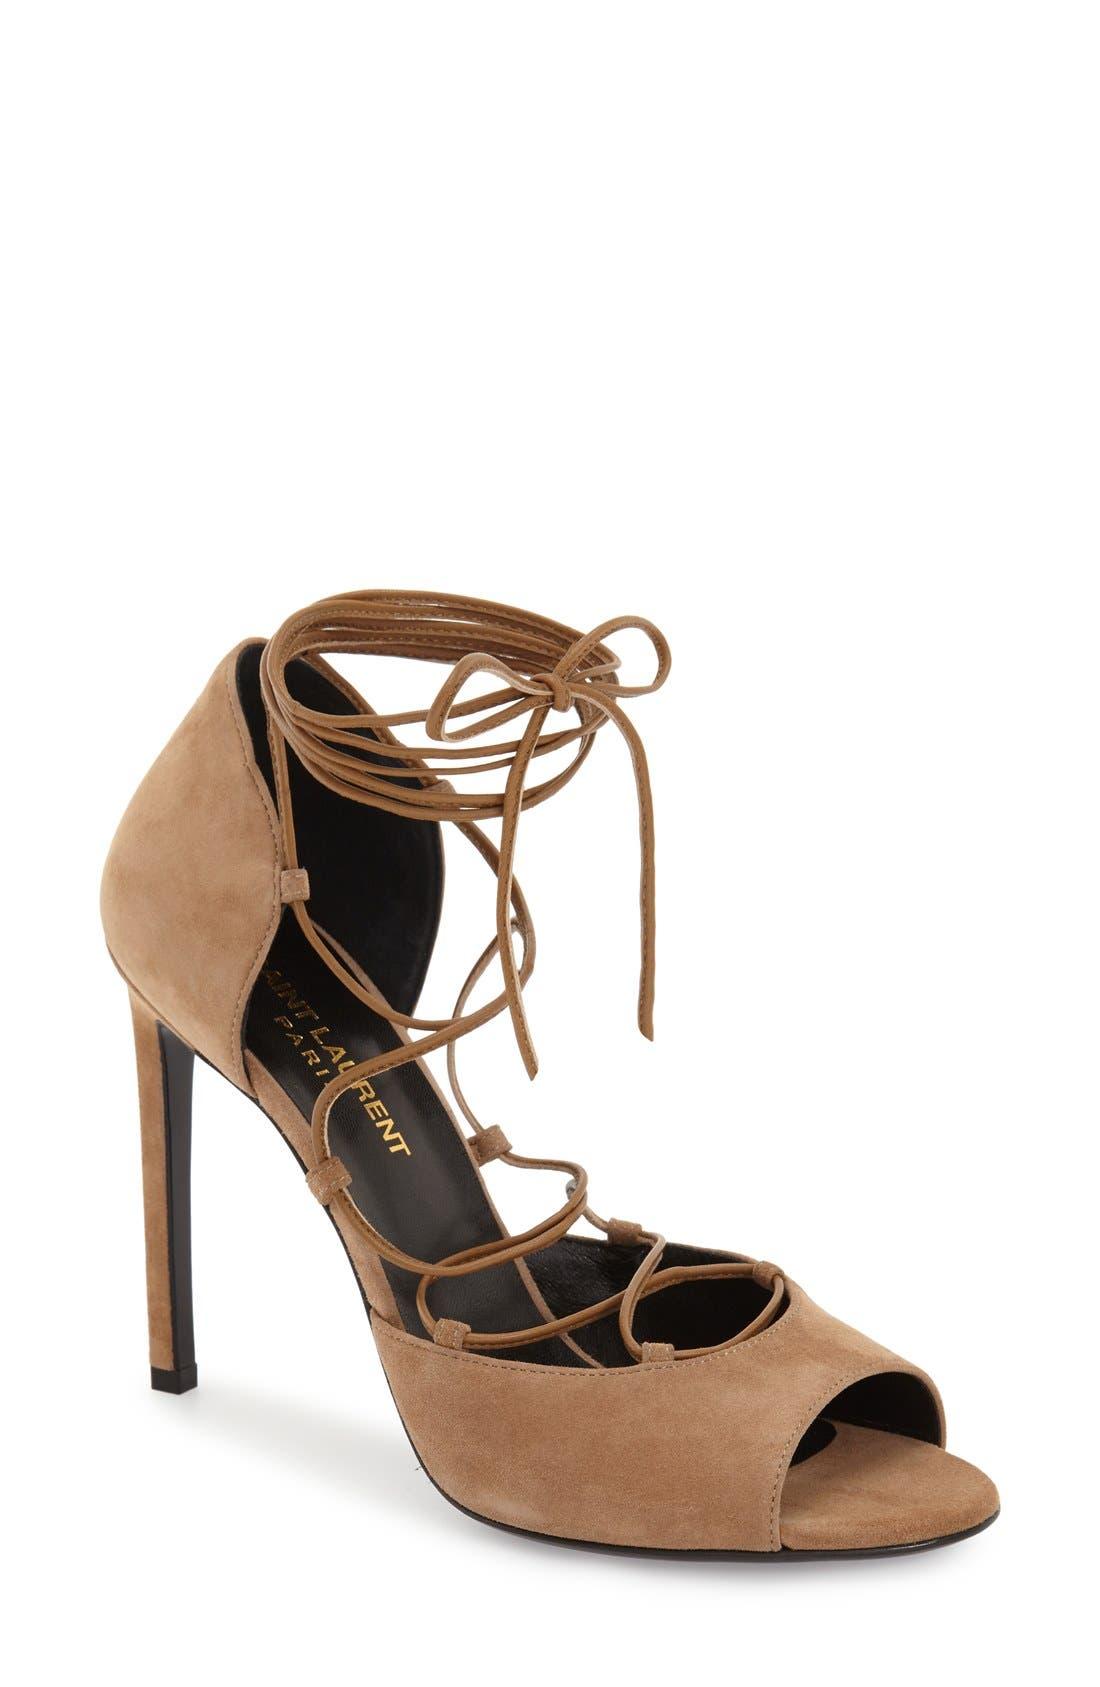 Main Image - Saint Laurent 'Kate' Lace-Up Sandal (Women)